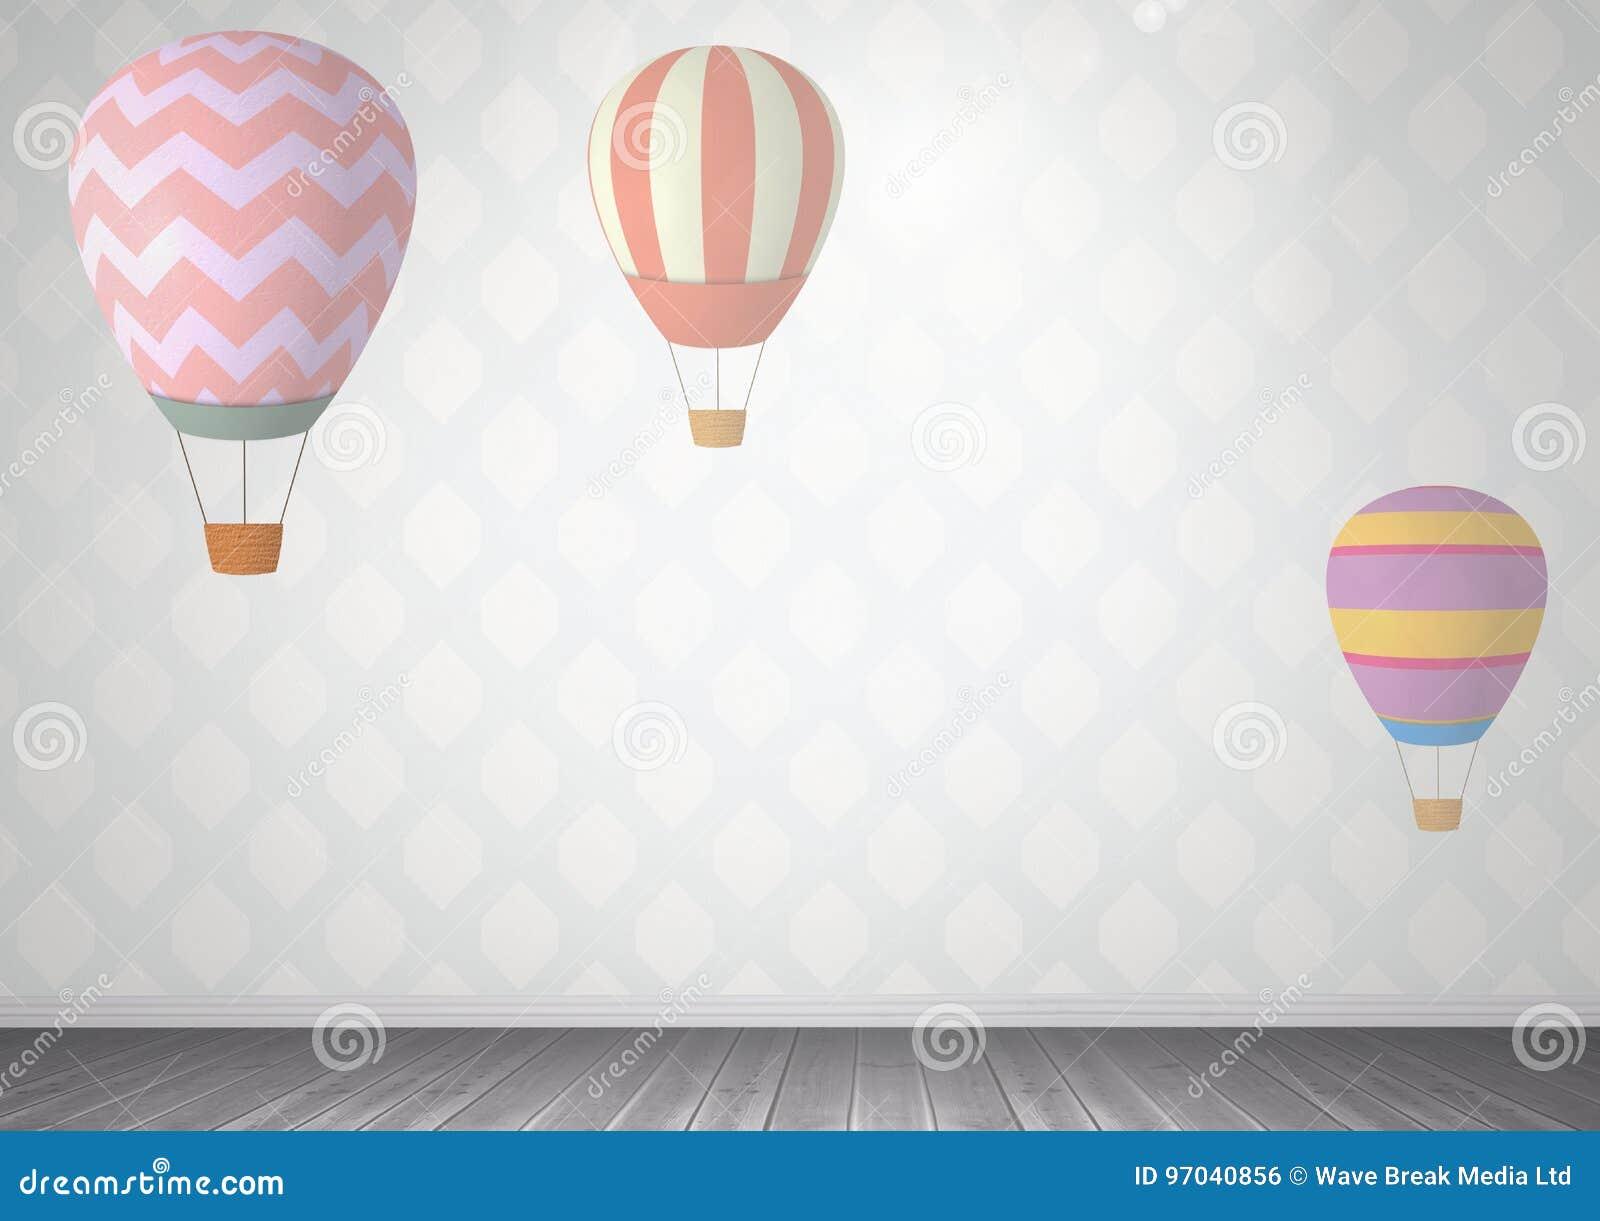 горячие воздушные шары в комнате